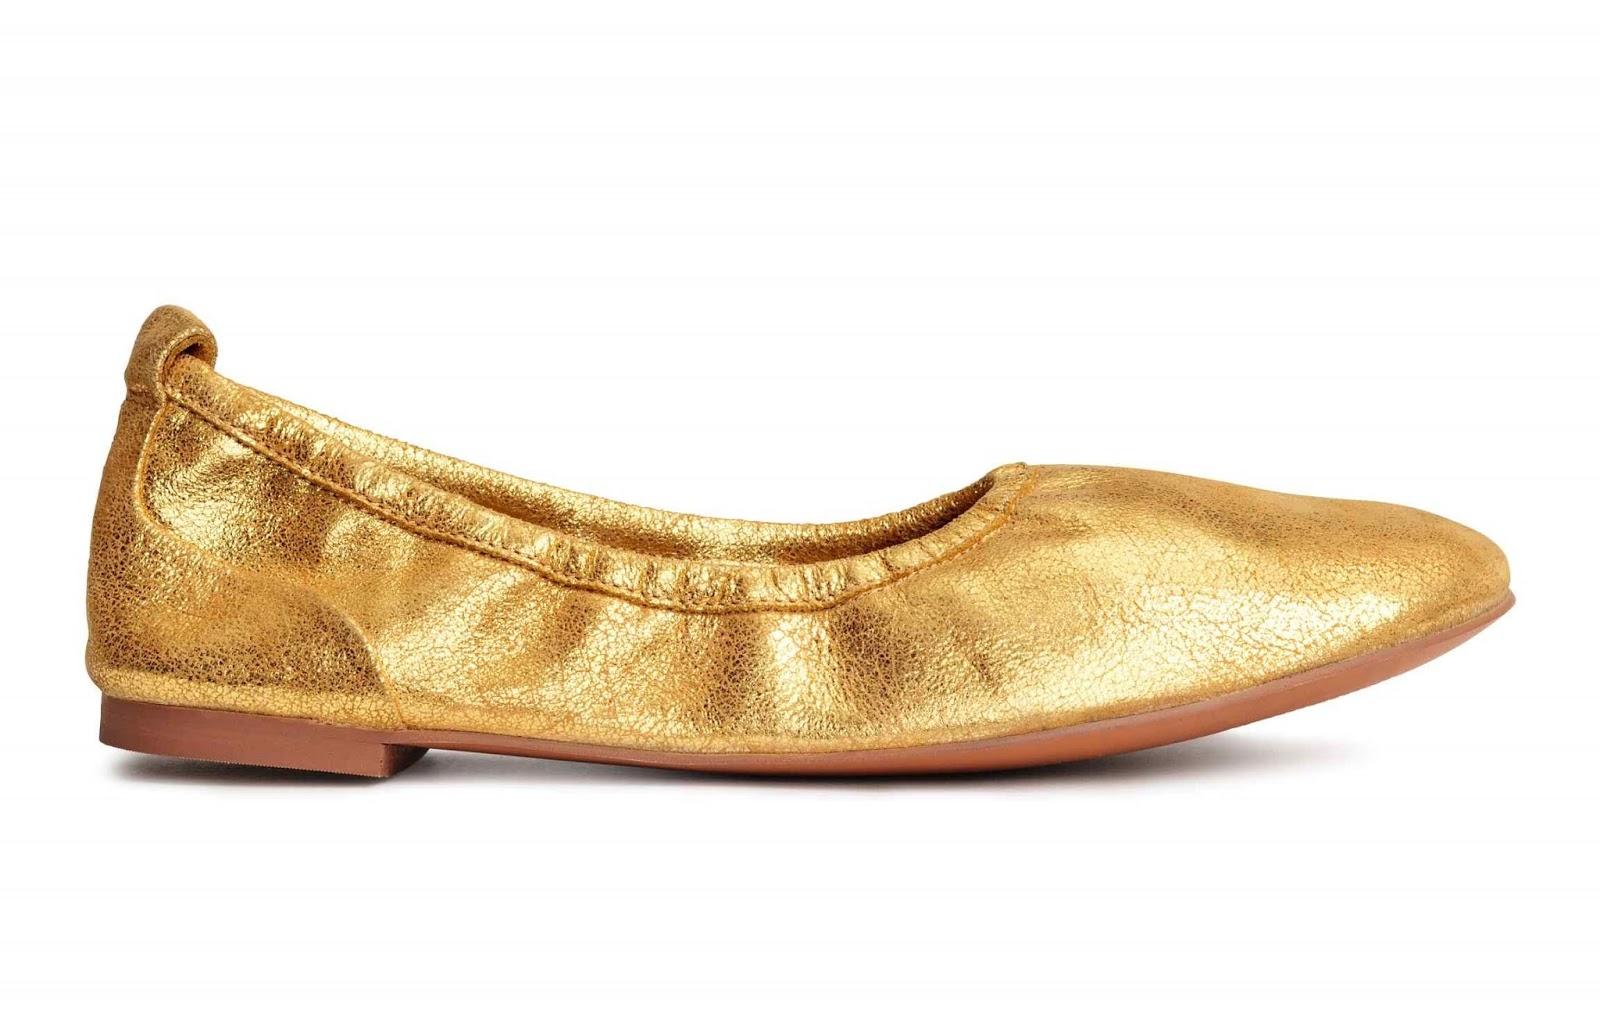 H&M bailarinas doradas de piel suave